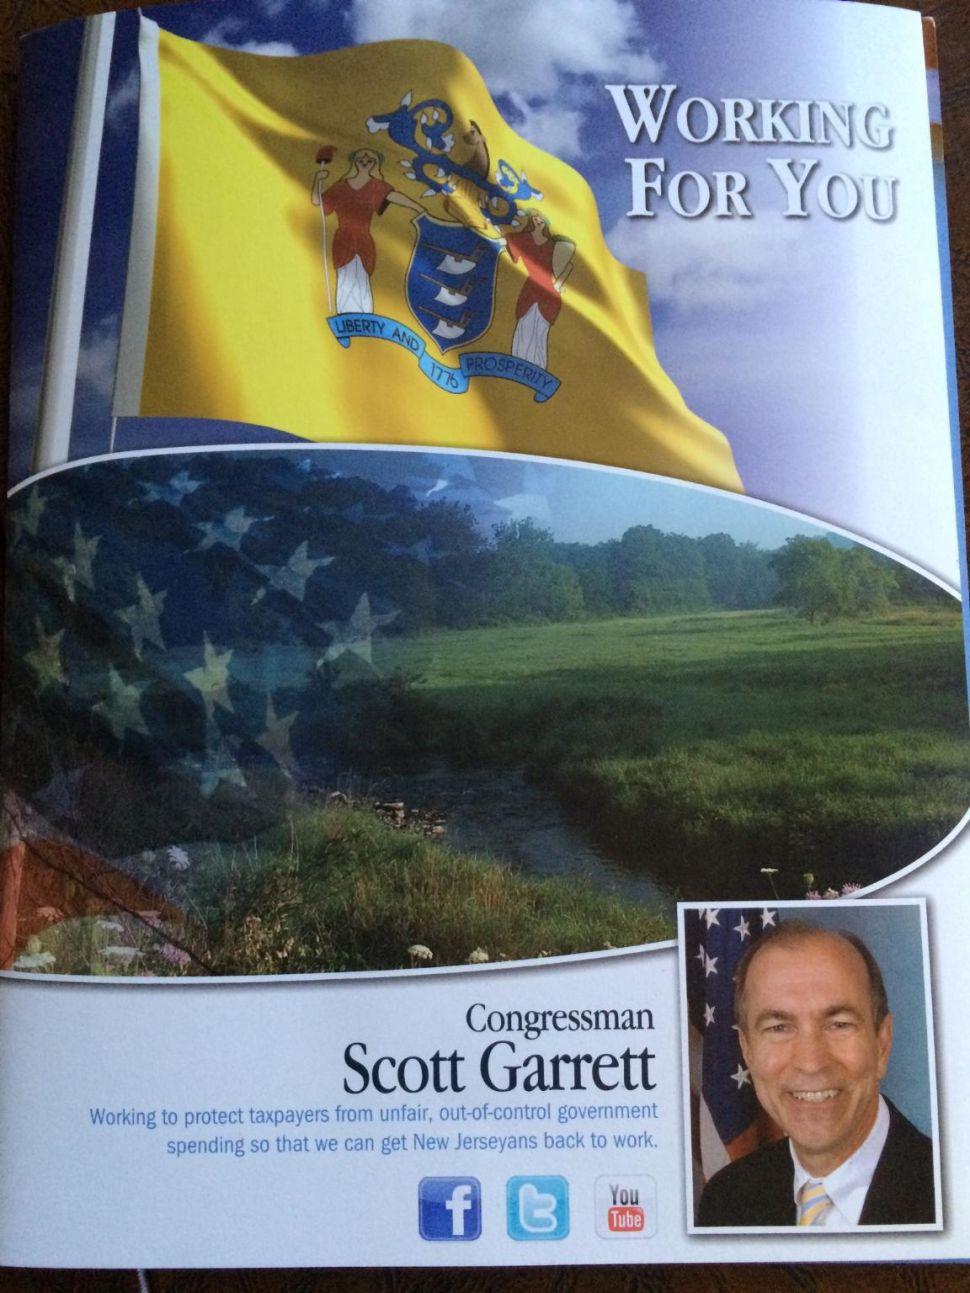 """CD 5 Democratic candidate Cho calls Garrett constituent mailer """"campaign propaganda"""", calls for taxpayer reimbursement"""